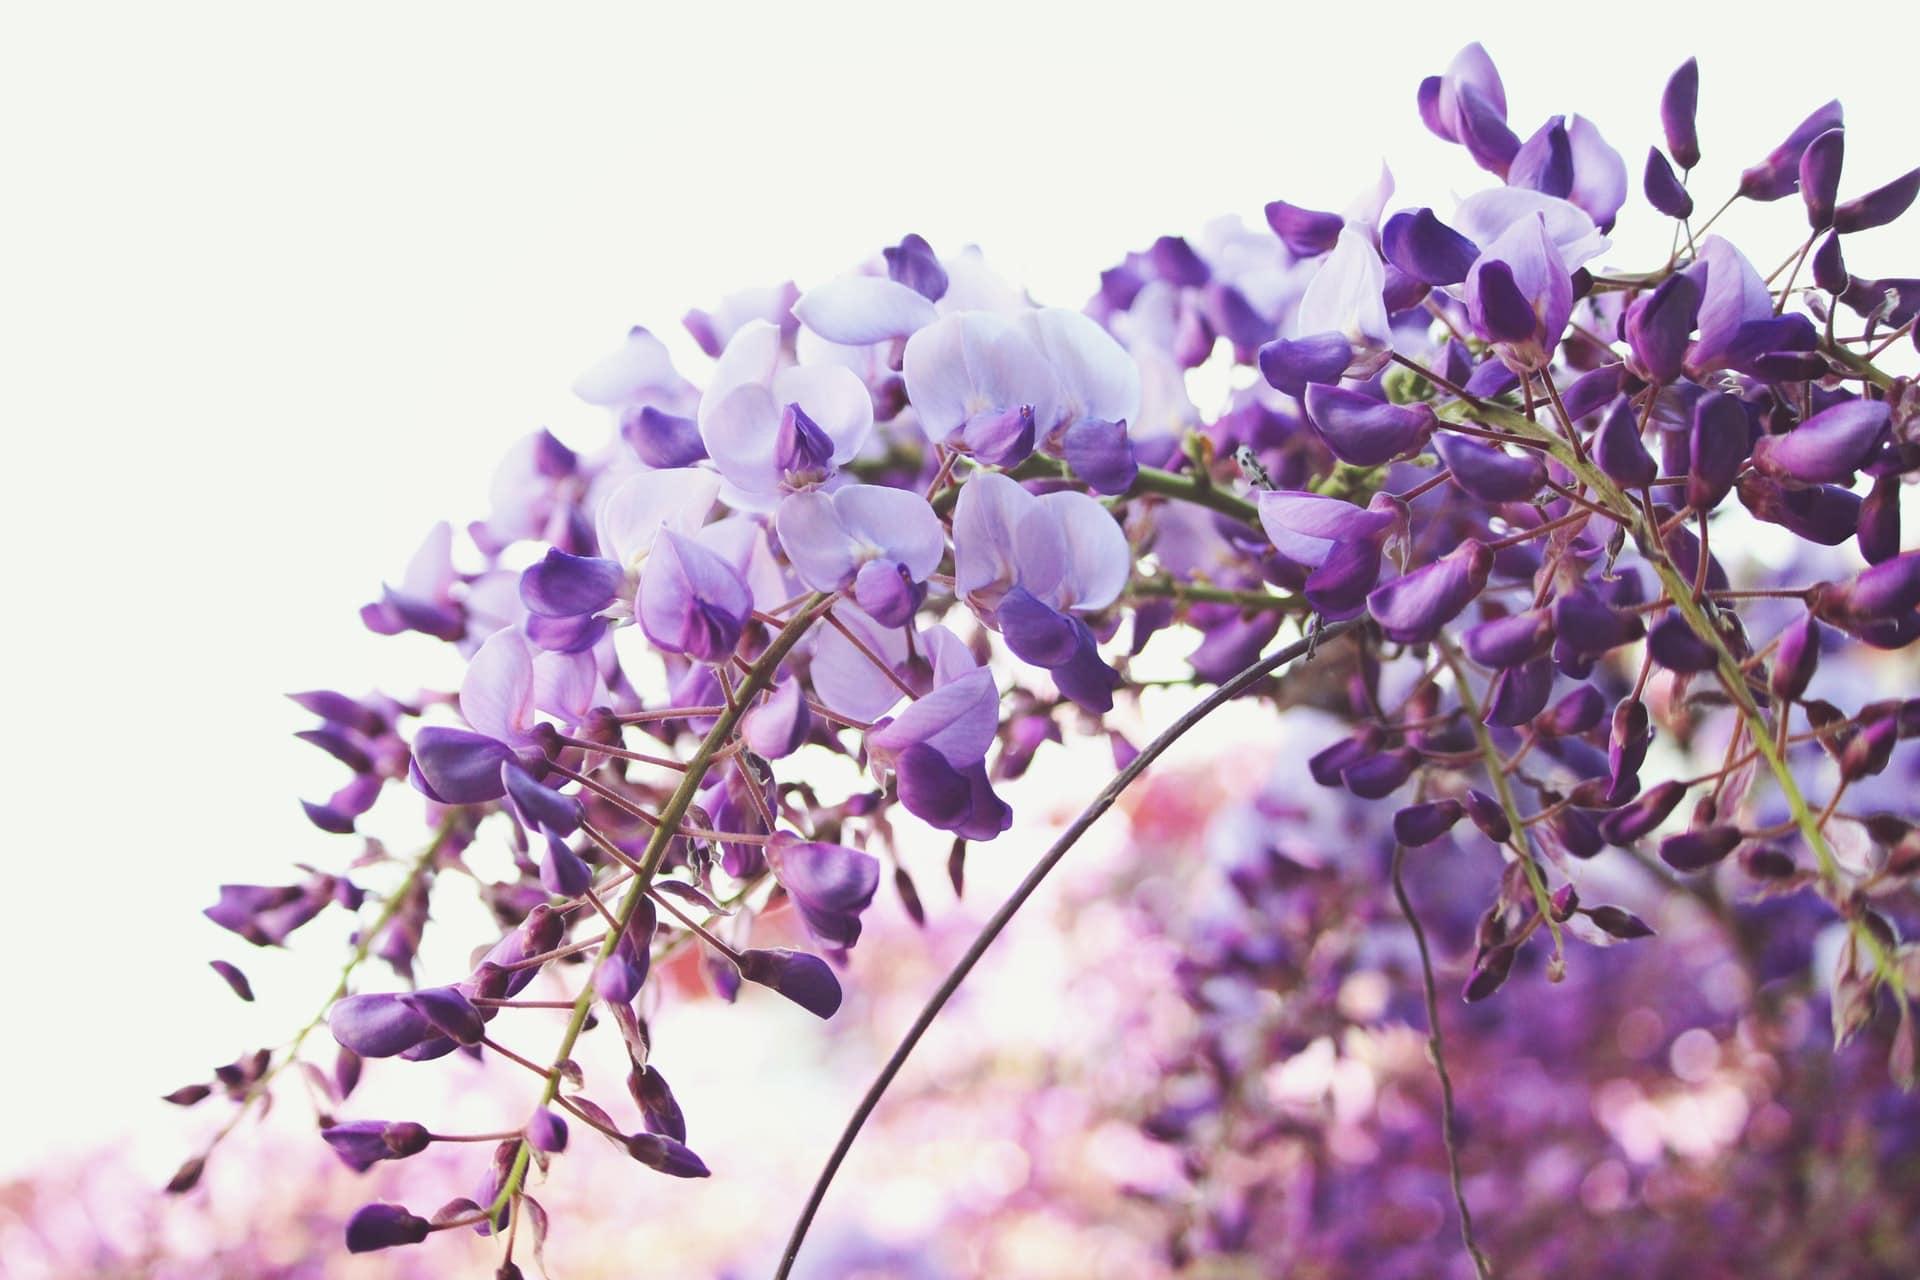 glycine paris centenaire rasée fleurs violettes printemps montmartre